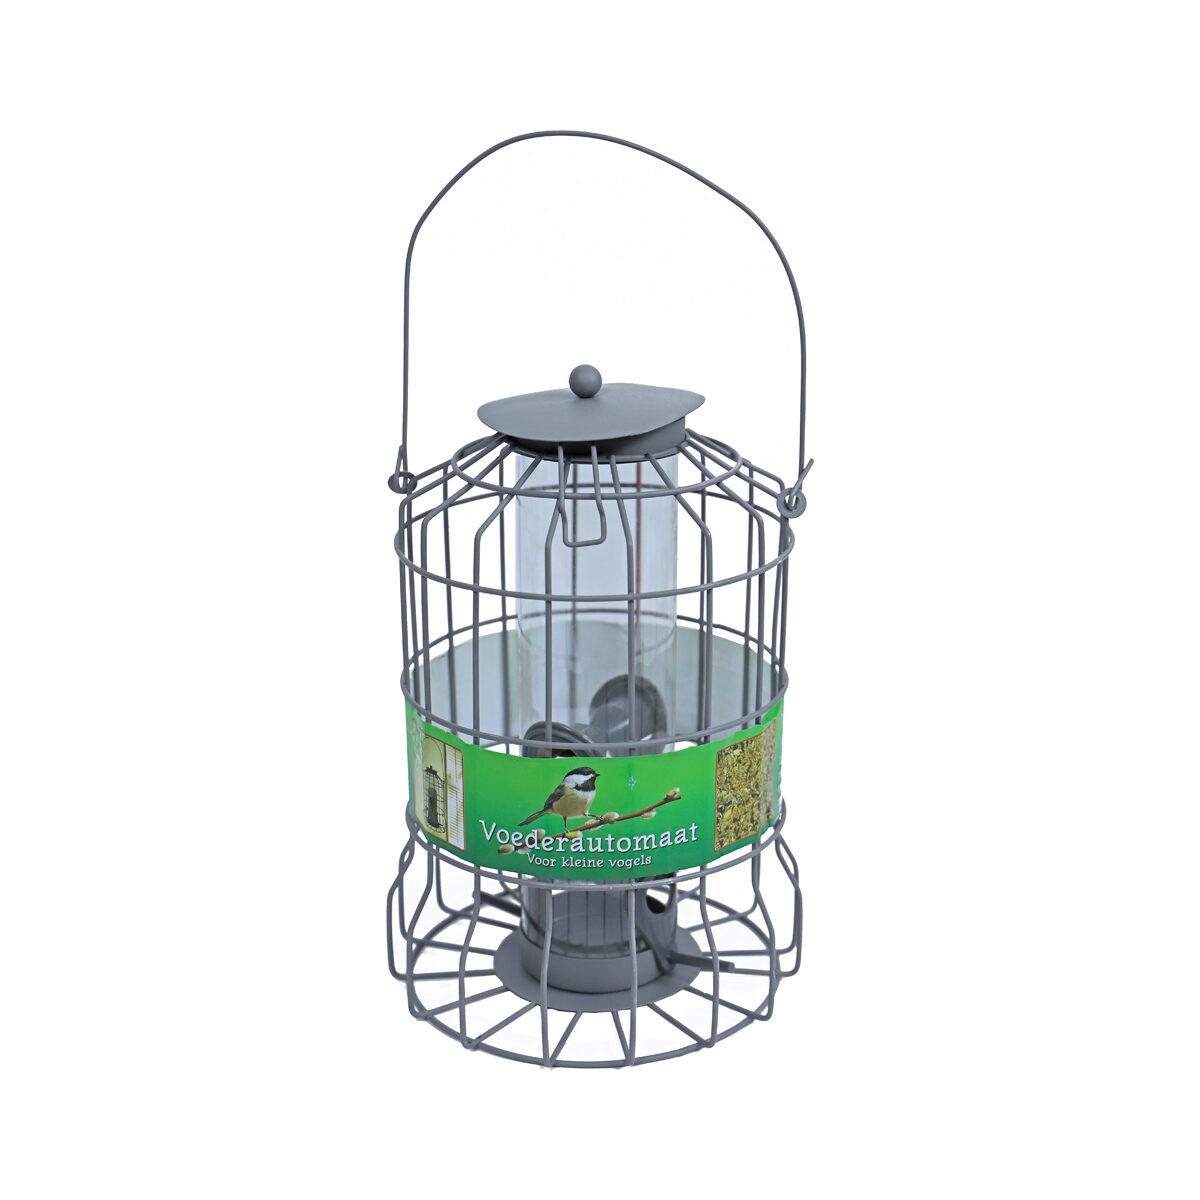 Voederautomaat Metaal Ophangbaar Grijs 24x17cm